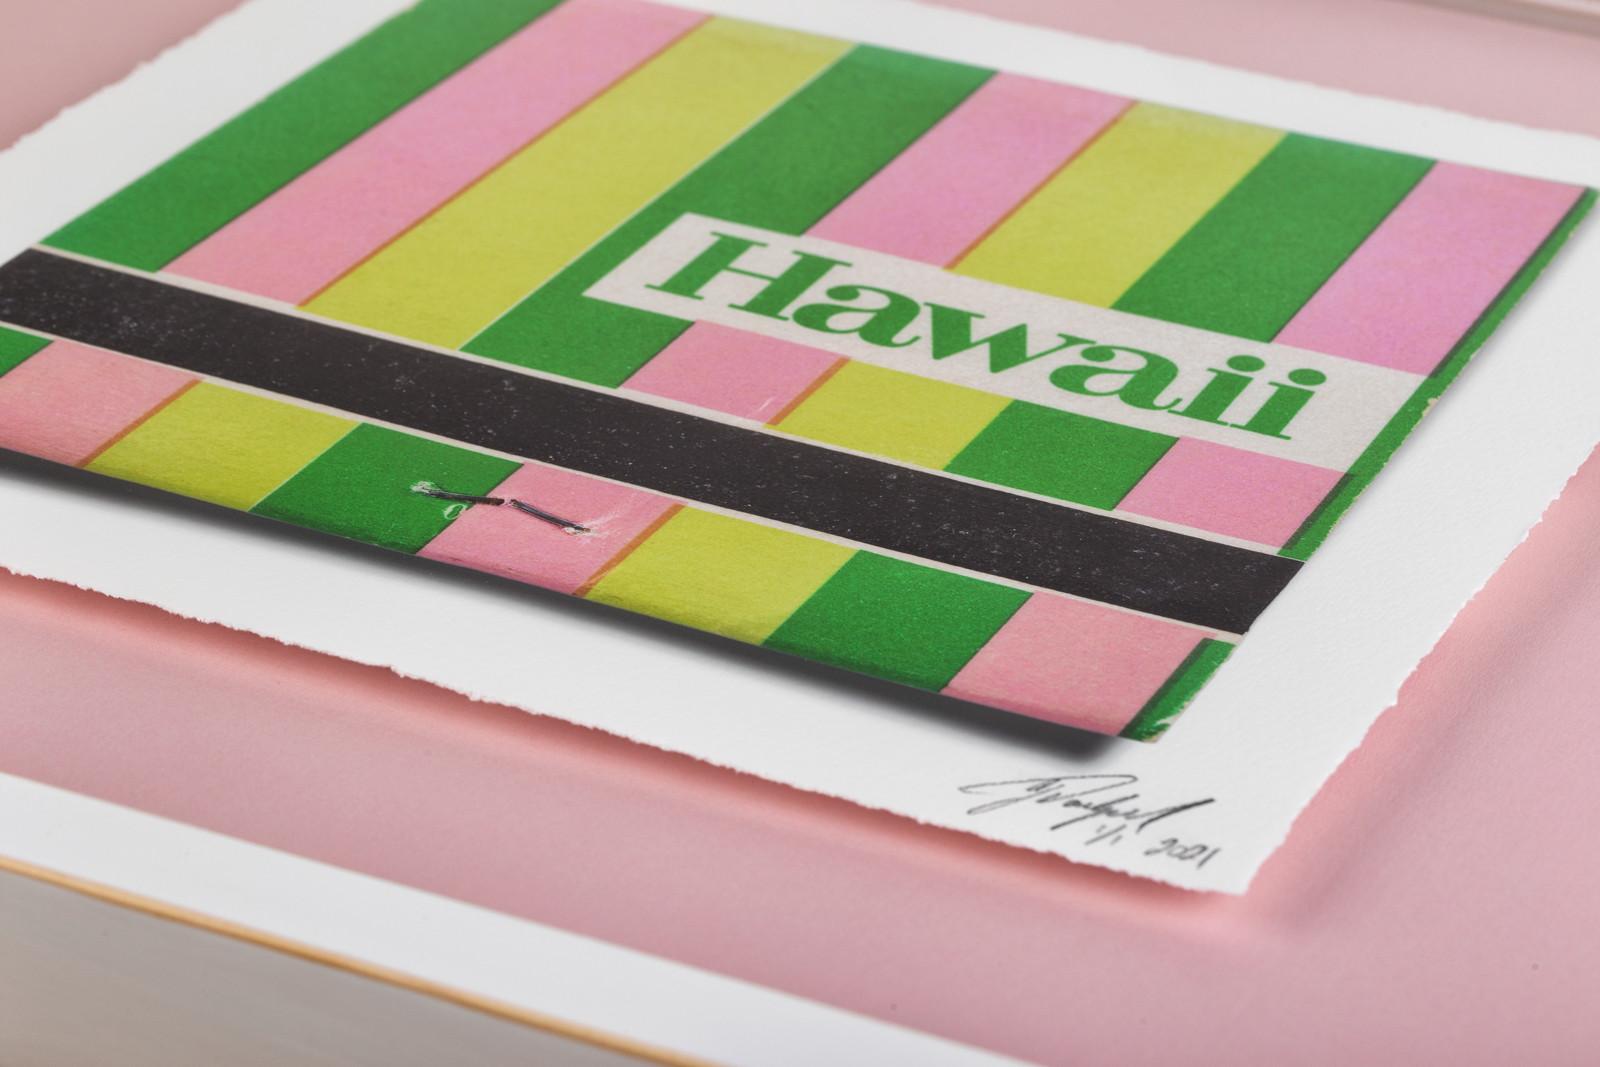 hawaii-matchbook-art-good-boy-originals.